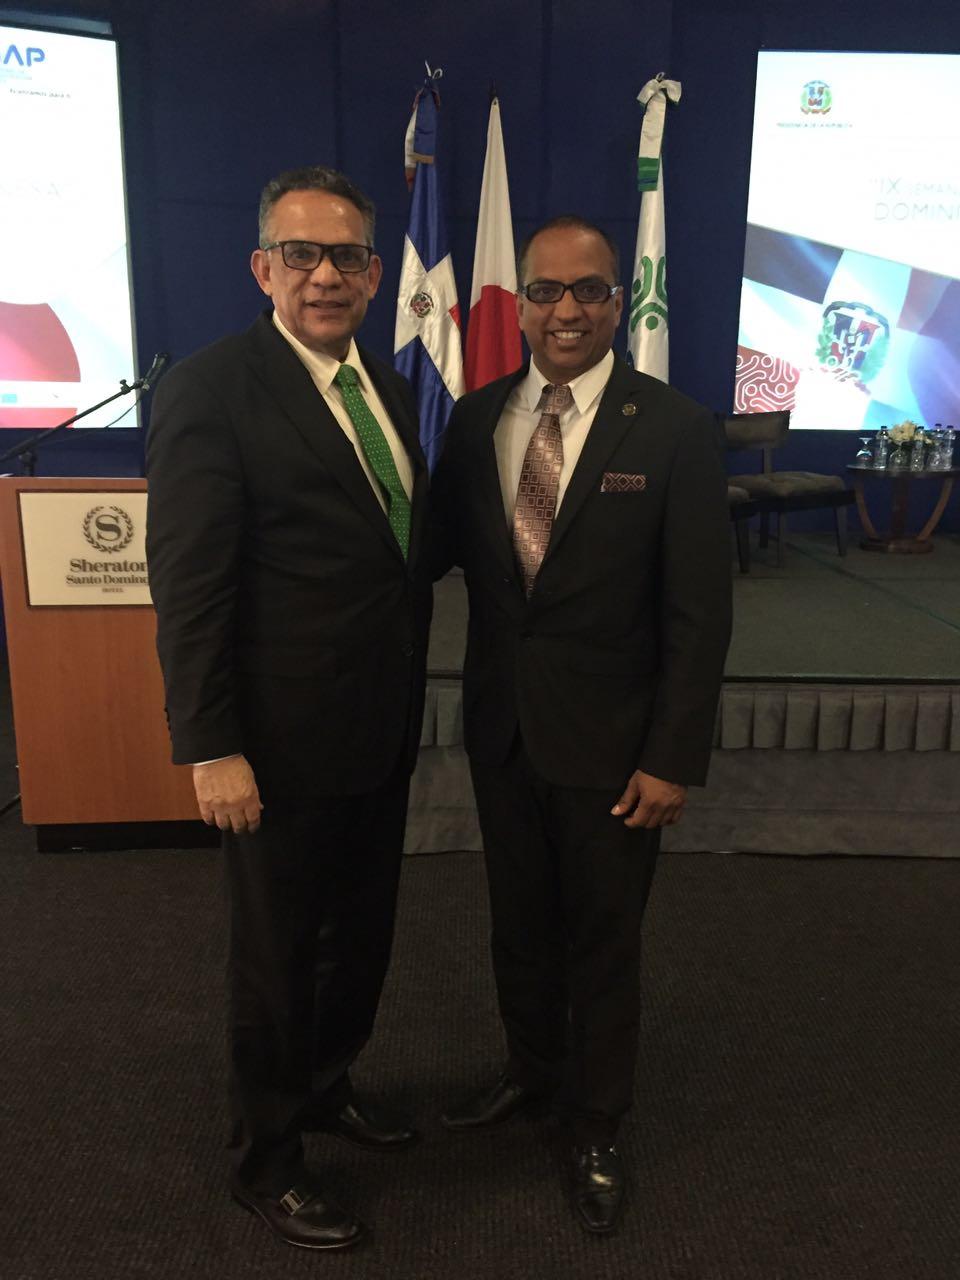 Inicia Semana de la Calidad en República Dominicana con el ICAP como invitado especial